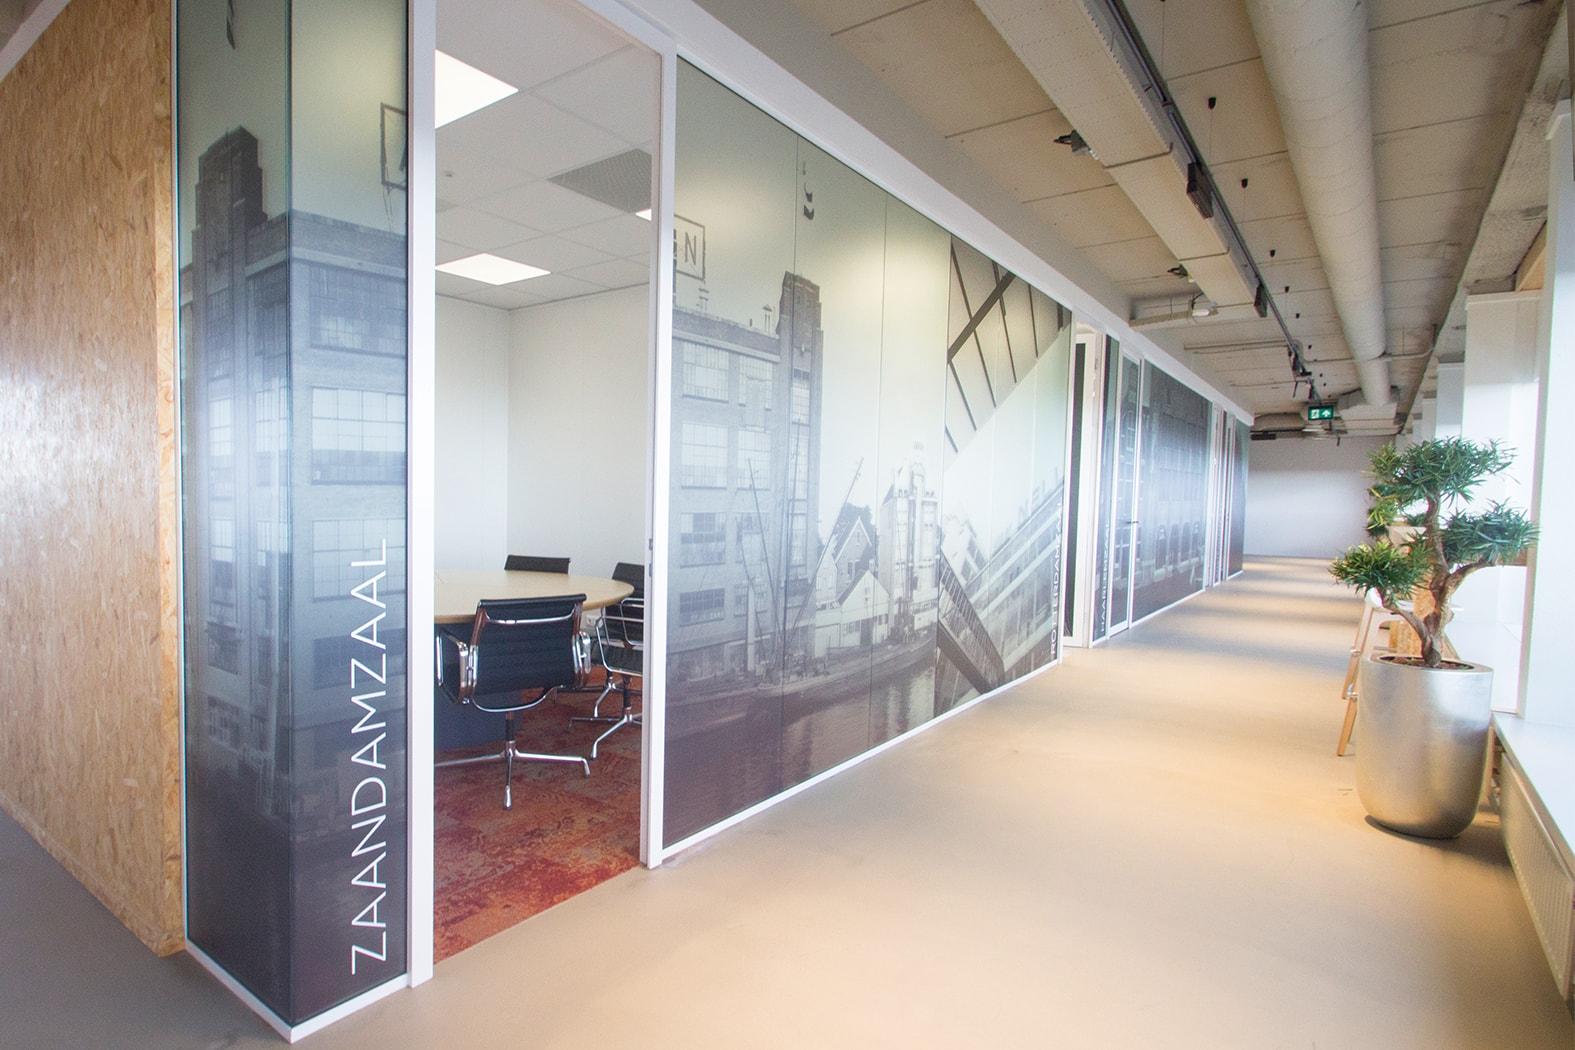 Vergaderzalen huren in Zoetermeer | Crown Business Center Zoetermeer